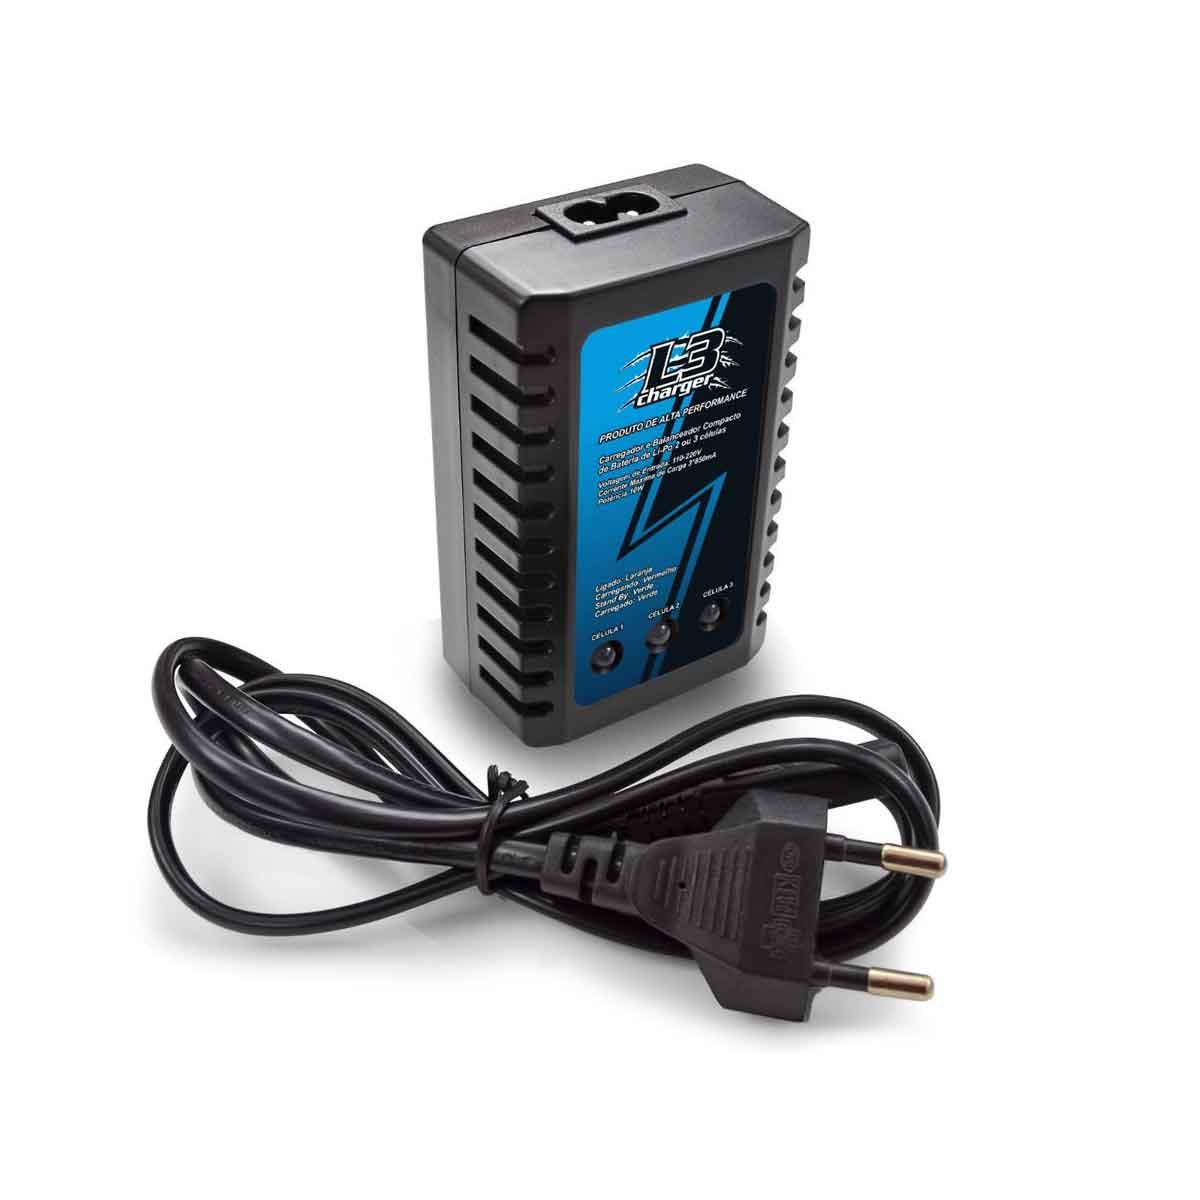 Carregador Balanceador para Baterias Leão Modelismo Li-Po 2 ou 3 Células 110/220V